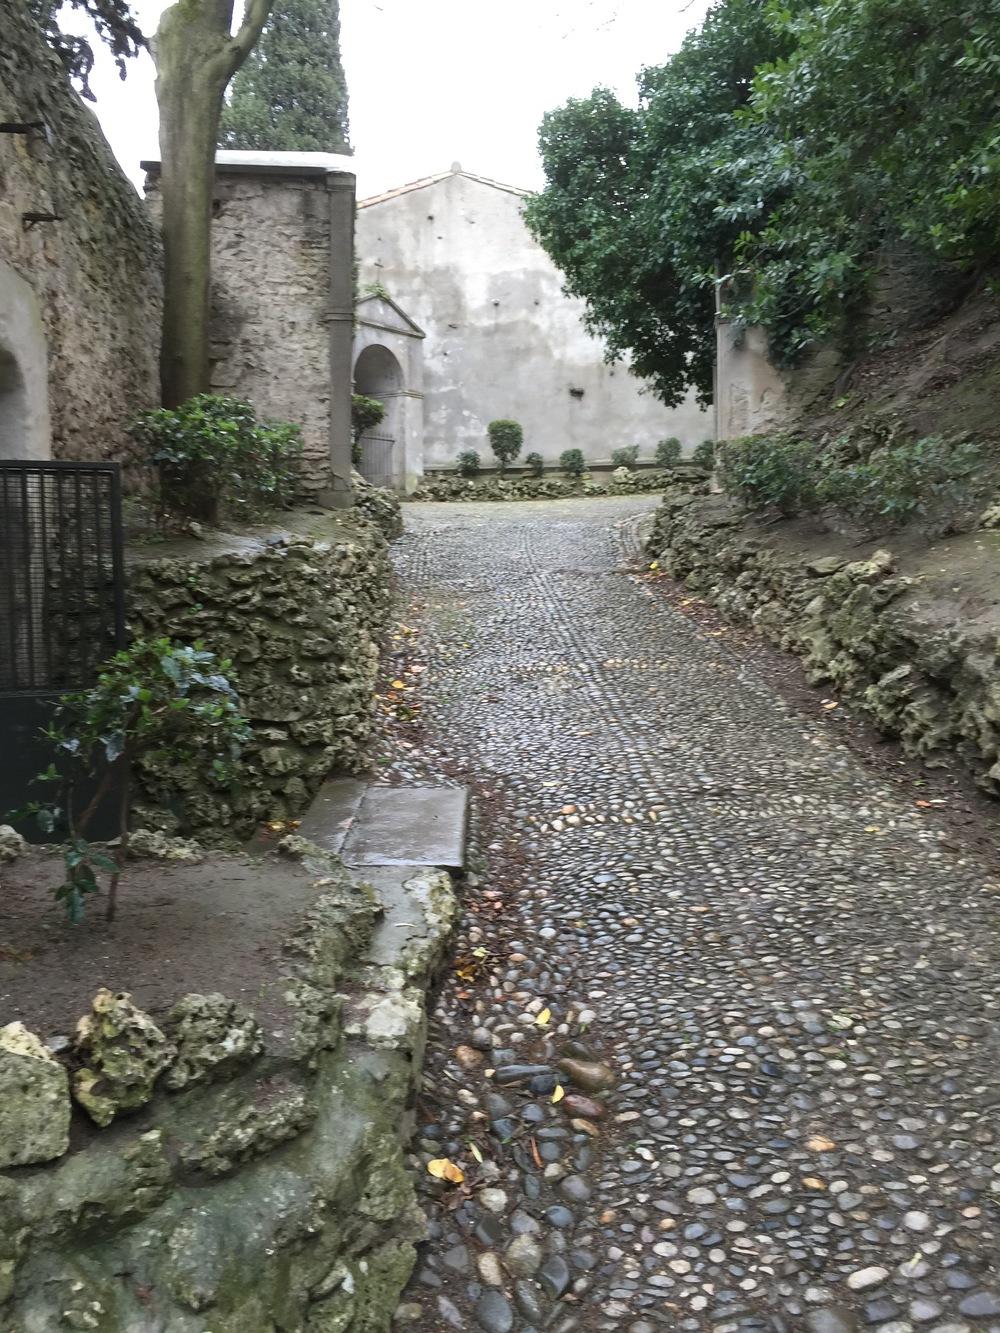 Le-Jardin-du-Calvaire-Carcassonne-jessewaugh.com-27.jpg